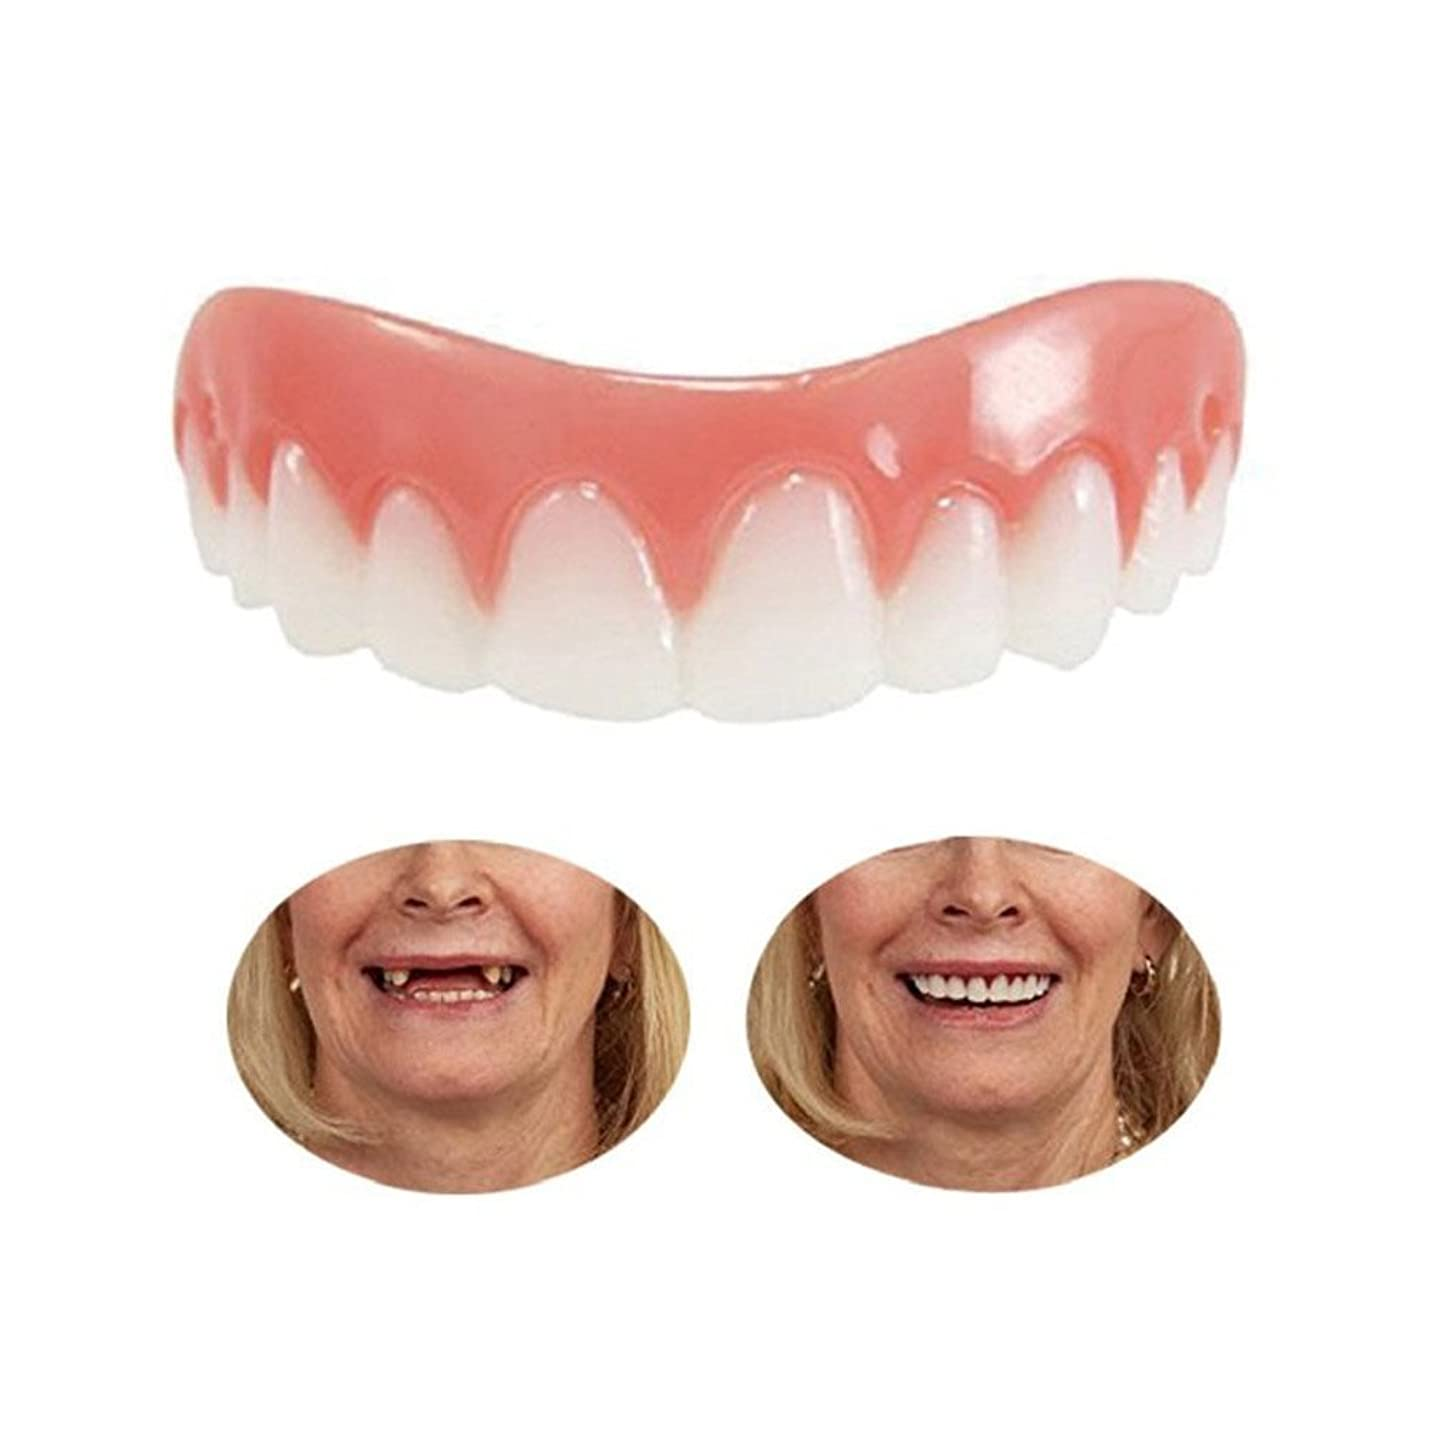 ランダム失態けん引3組の一時的な化粧品の歯の義歯の歯の化粧品によって模倣されるブレース、即刻の快適で完全なベニヤの歯のスナップキャップを白くします